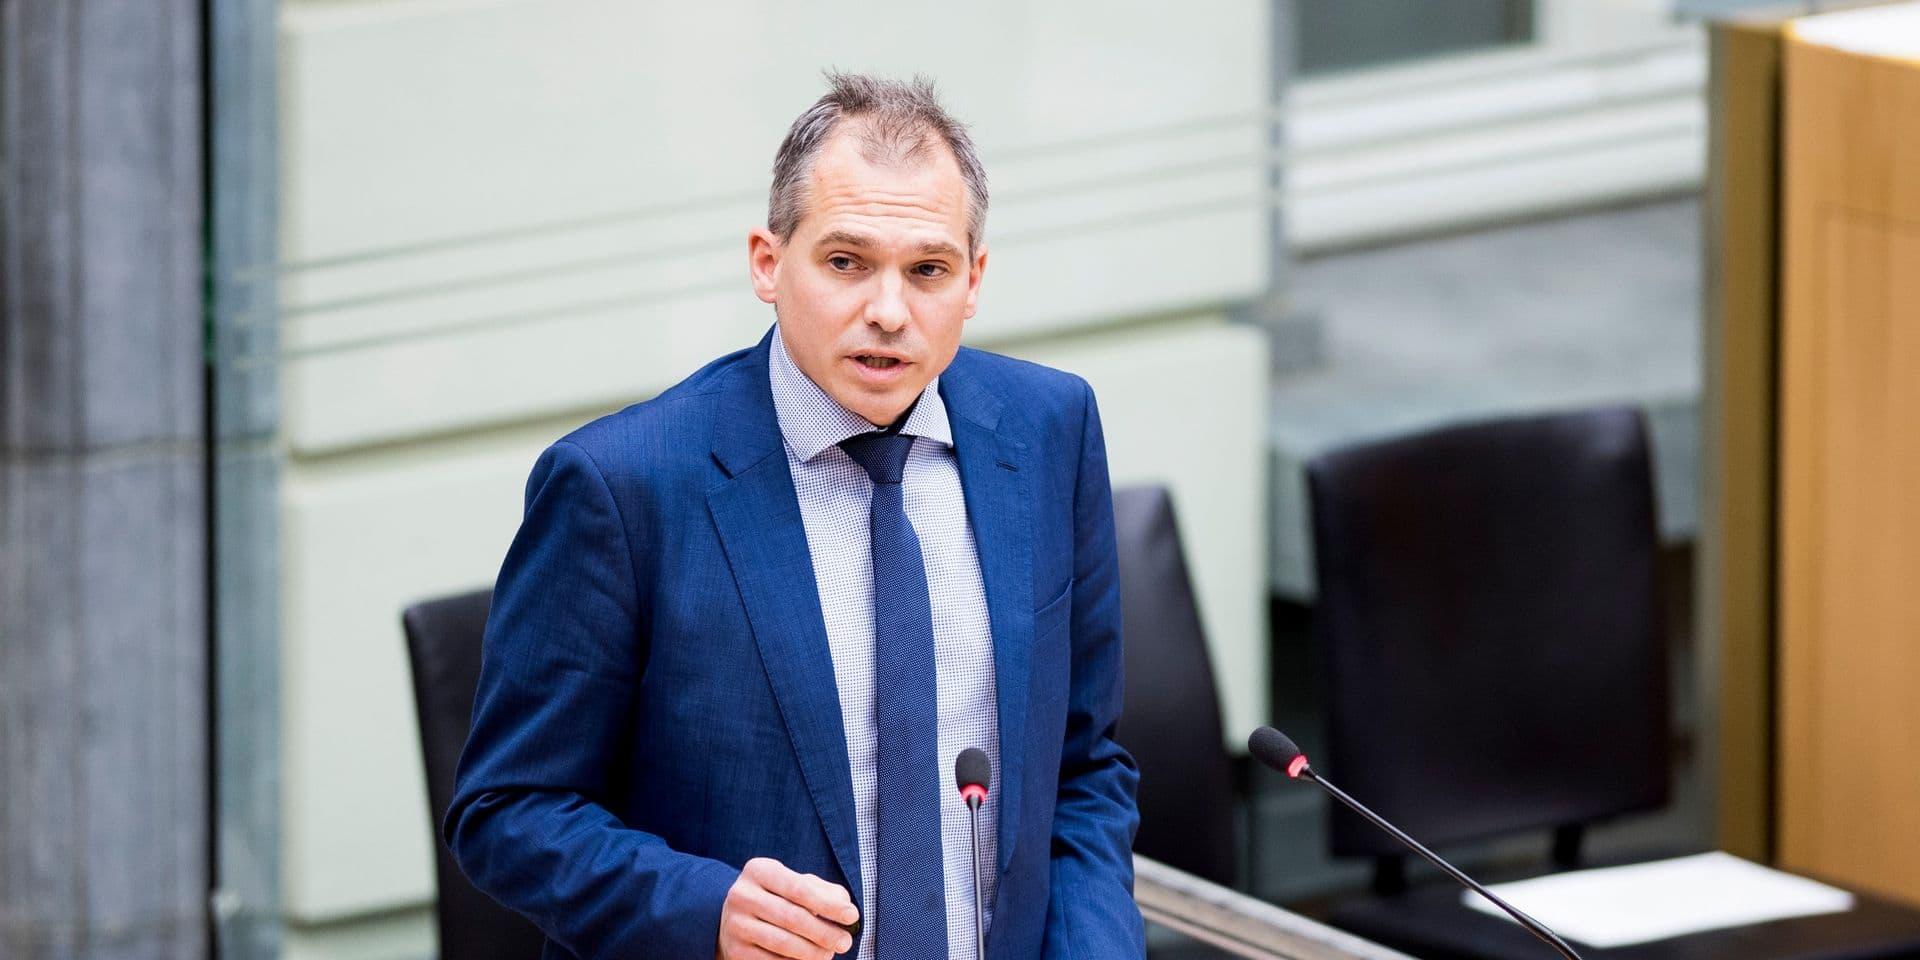 Gouvernement flamand: Un déficit de 436 millions d'euros prévu en 2020, avant un excédent espéré en 2024